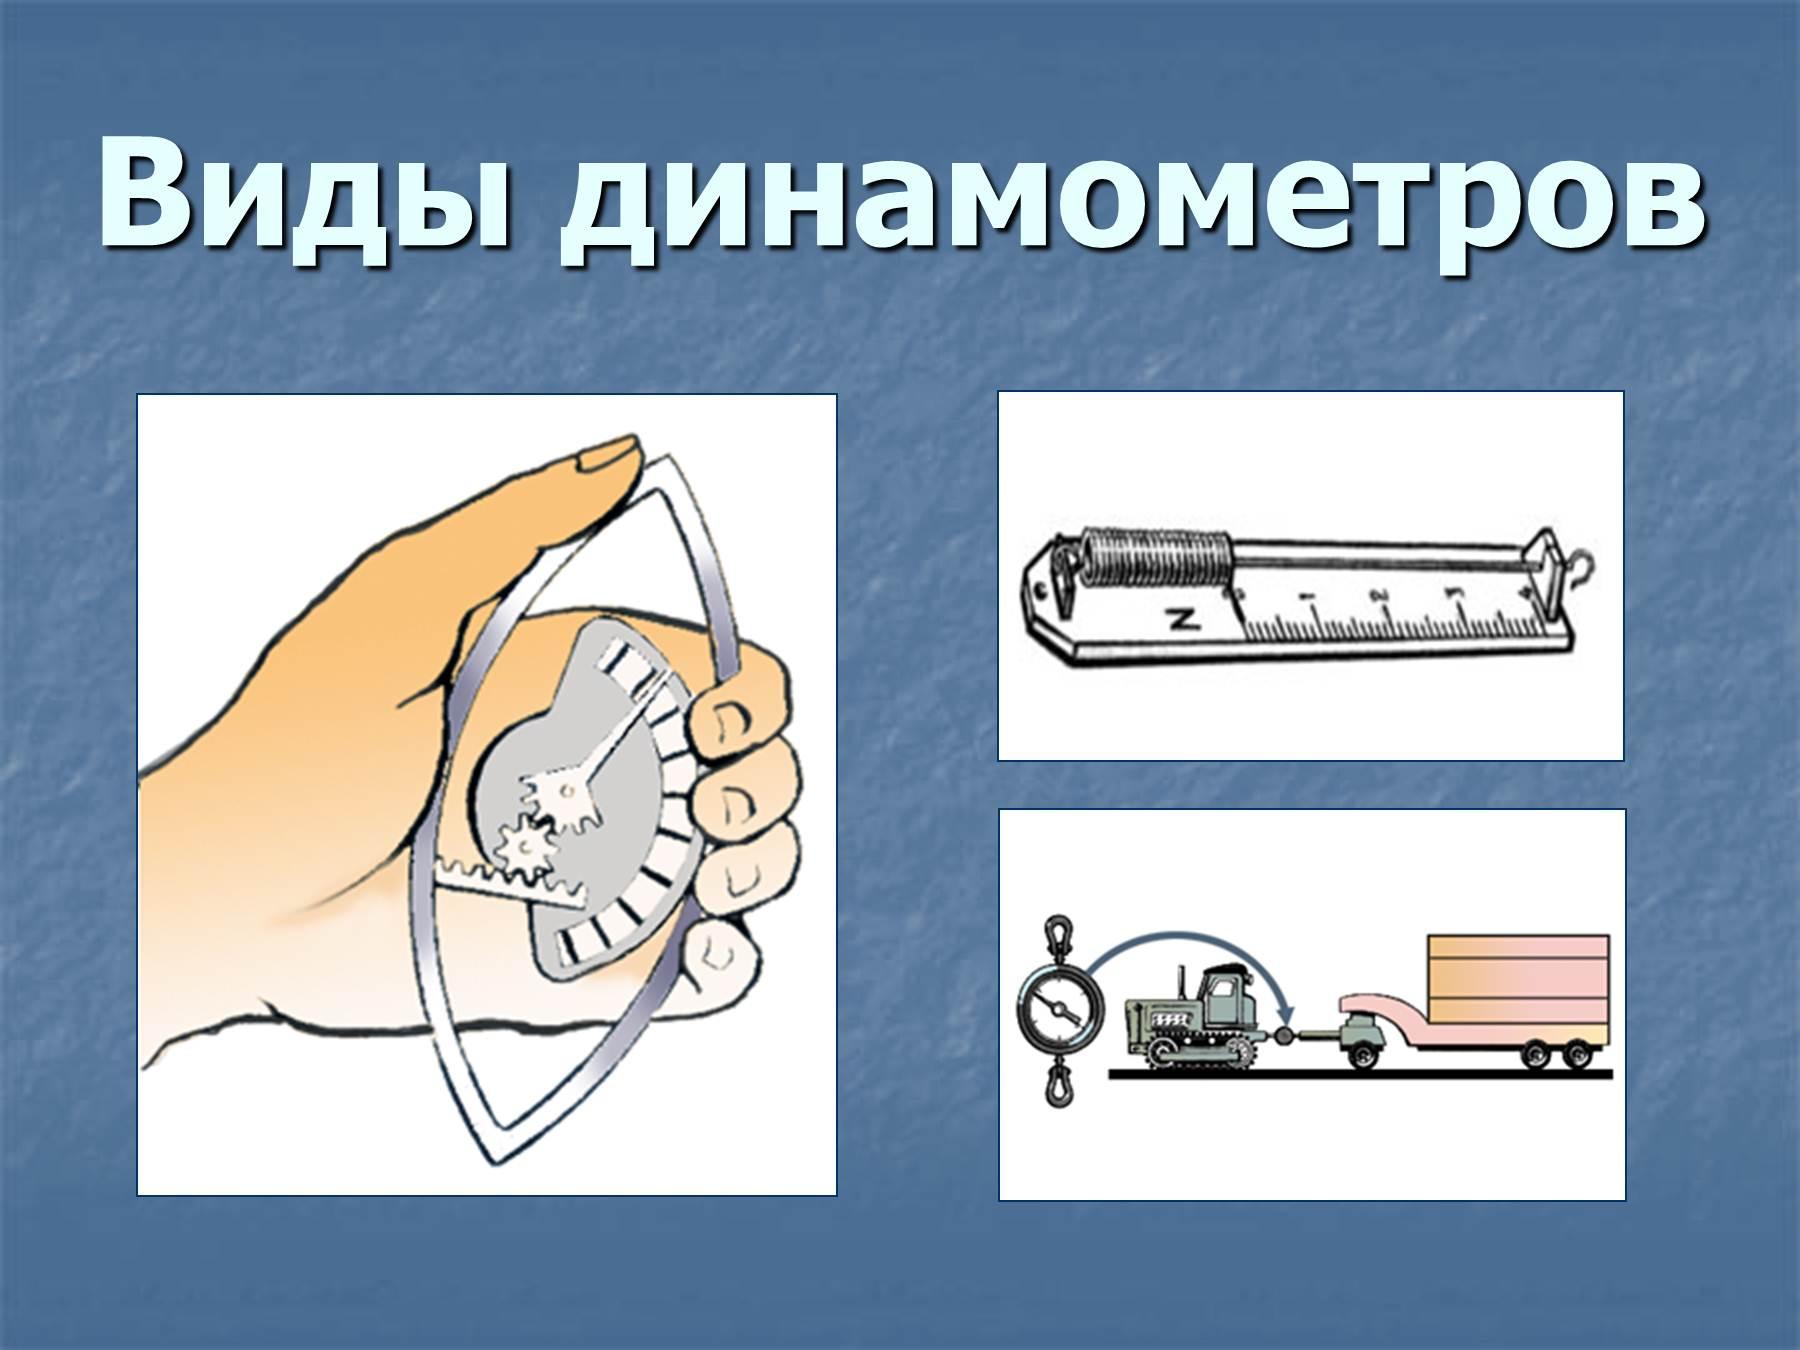 Как сделать динамометр своими руками на физику